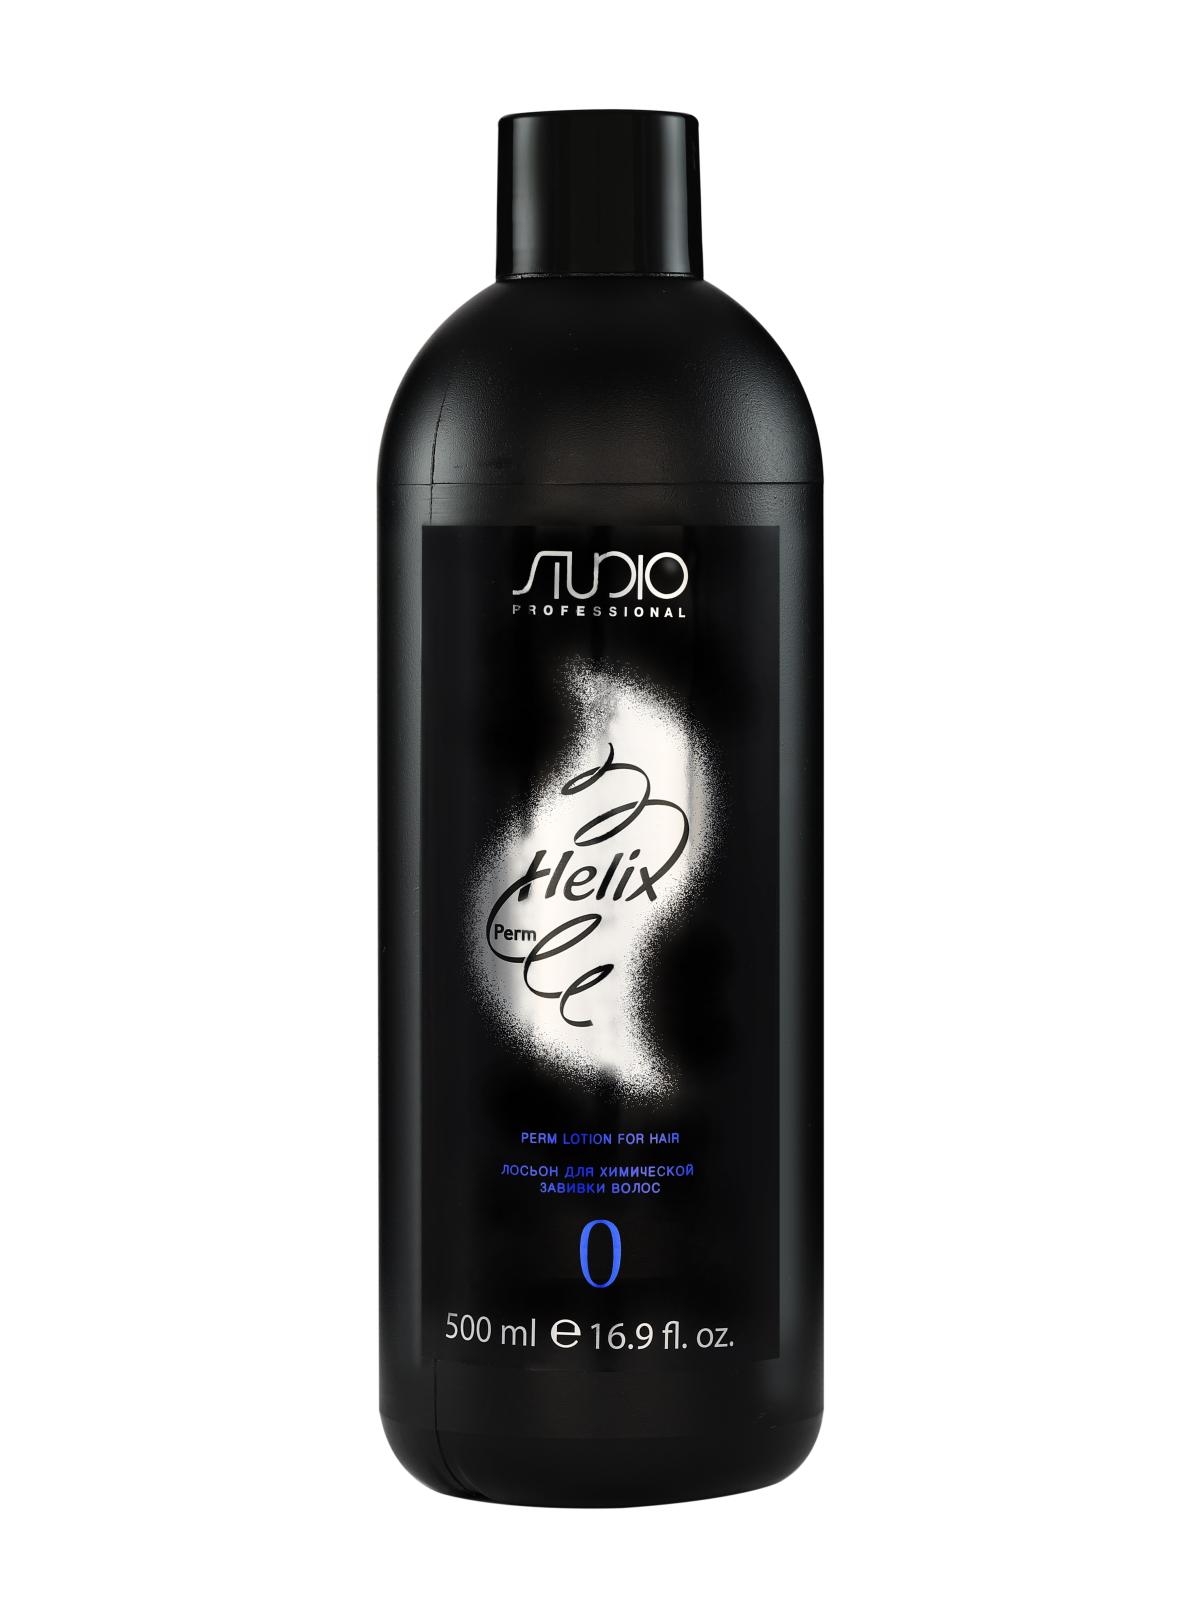 Купить Лосьон HELIX PERM STUDIO PROFESSIONAL №0 для трудноподдающихся волос 500 мл